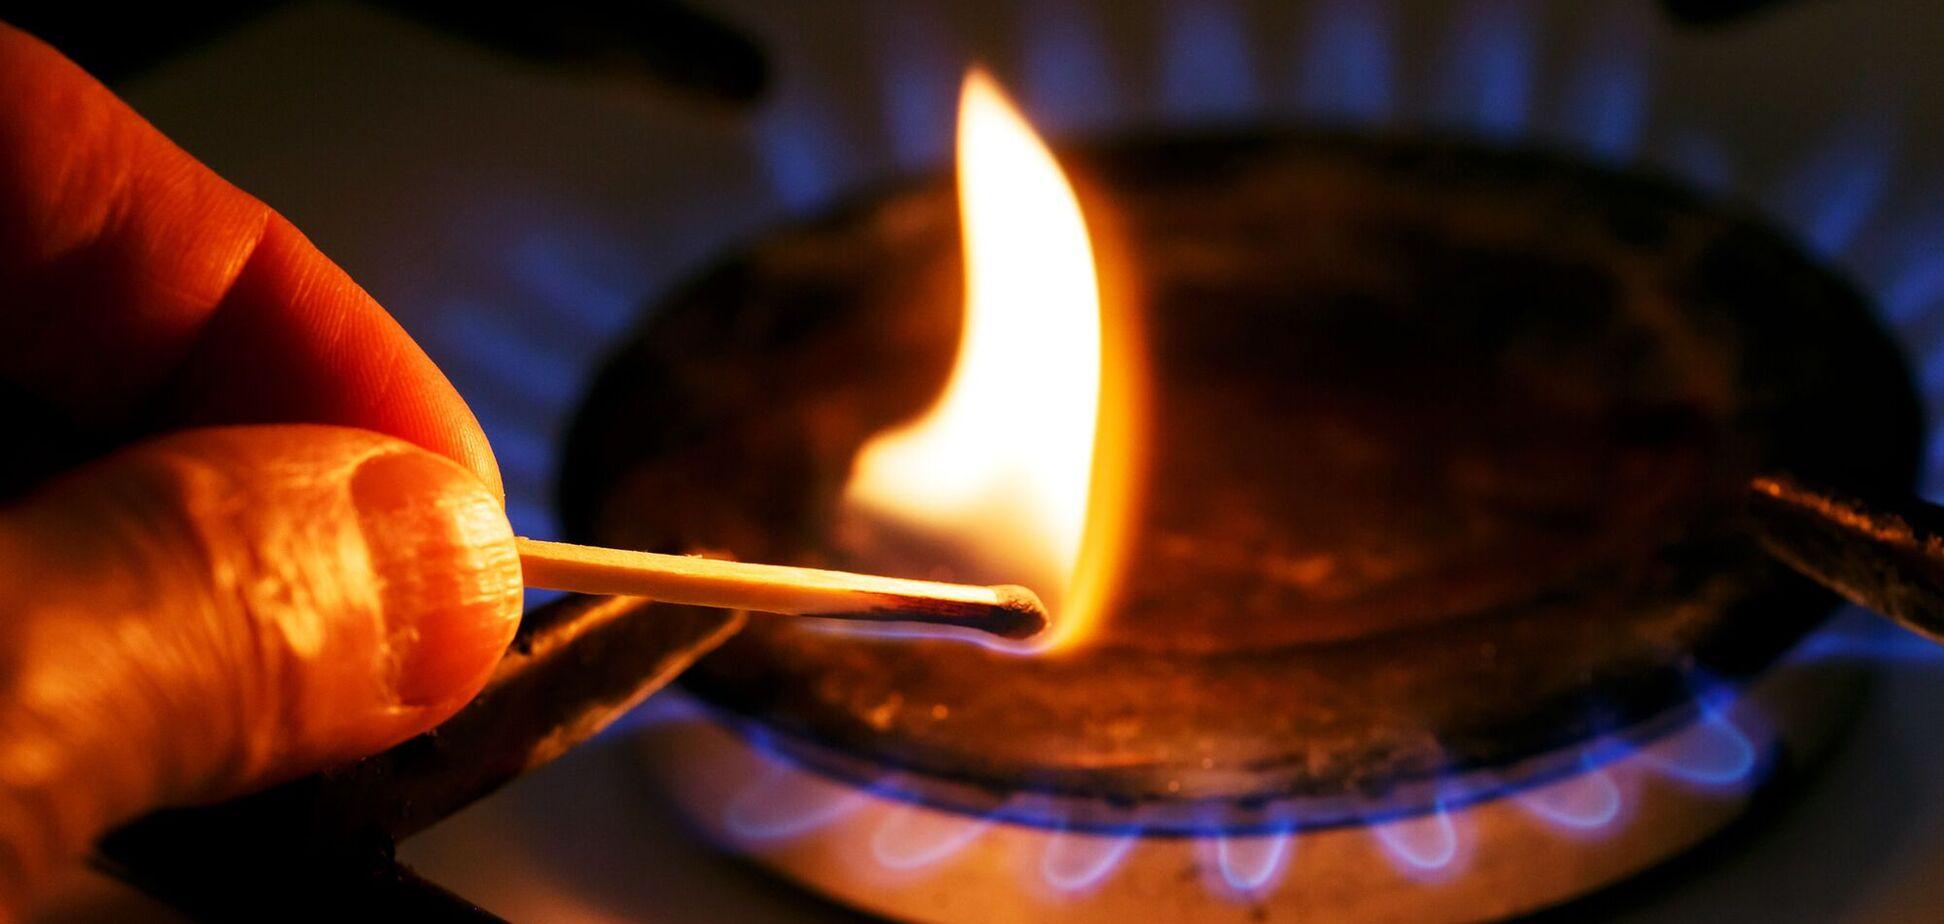 Жители Днепра и области останутся без газа: адреса . Источник: bigmir.net